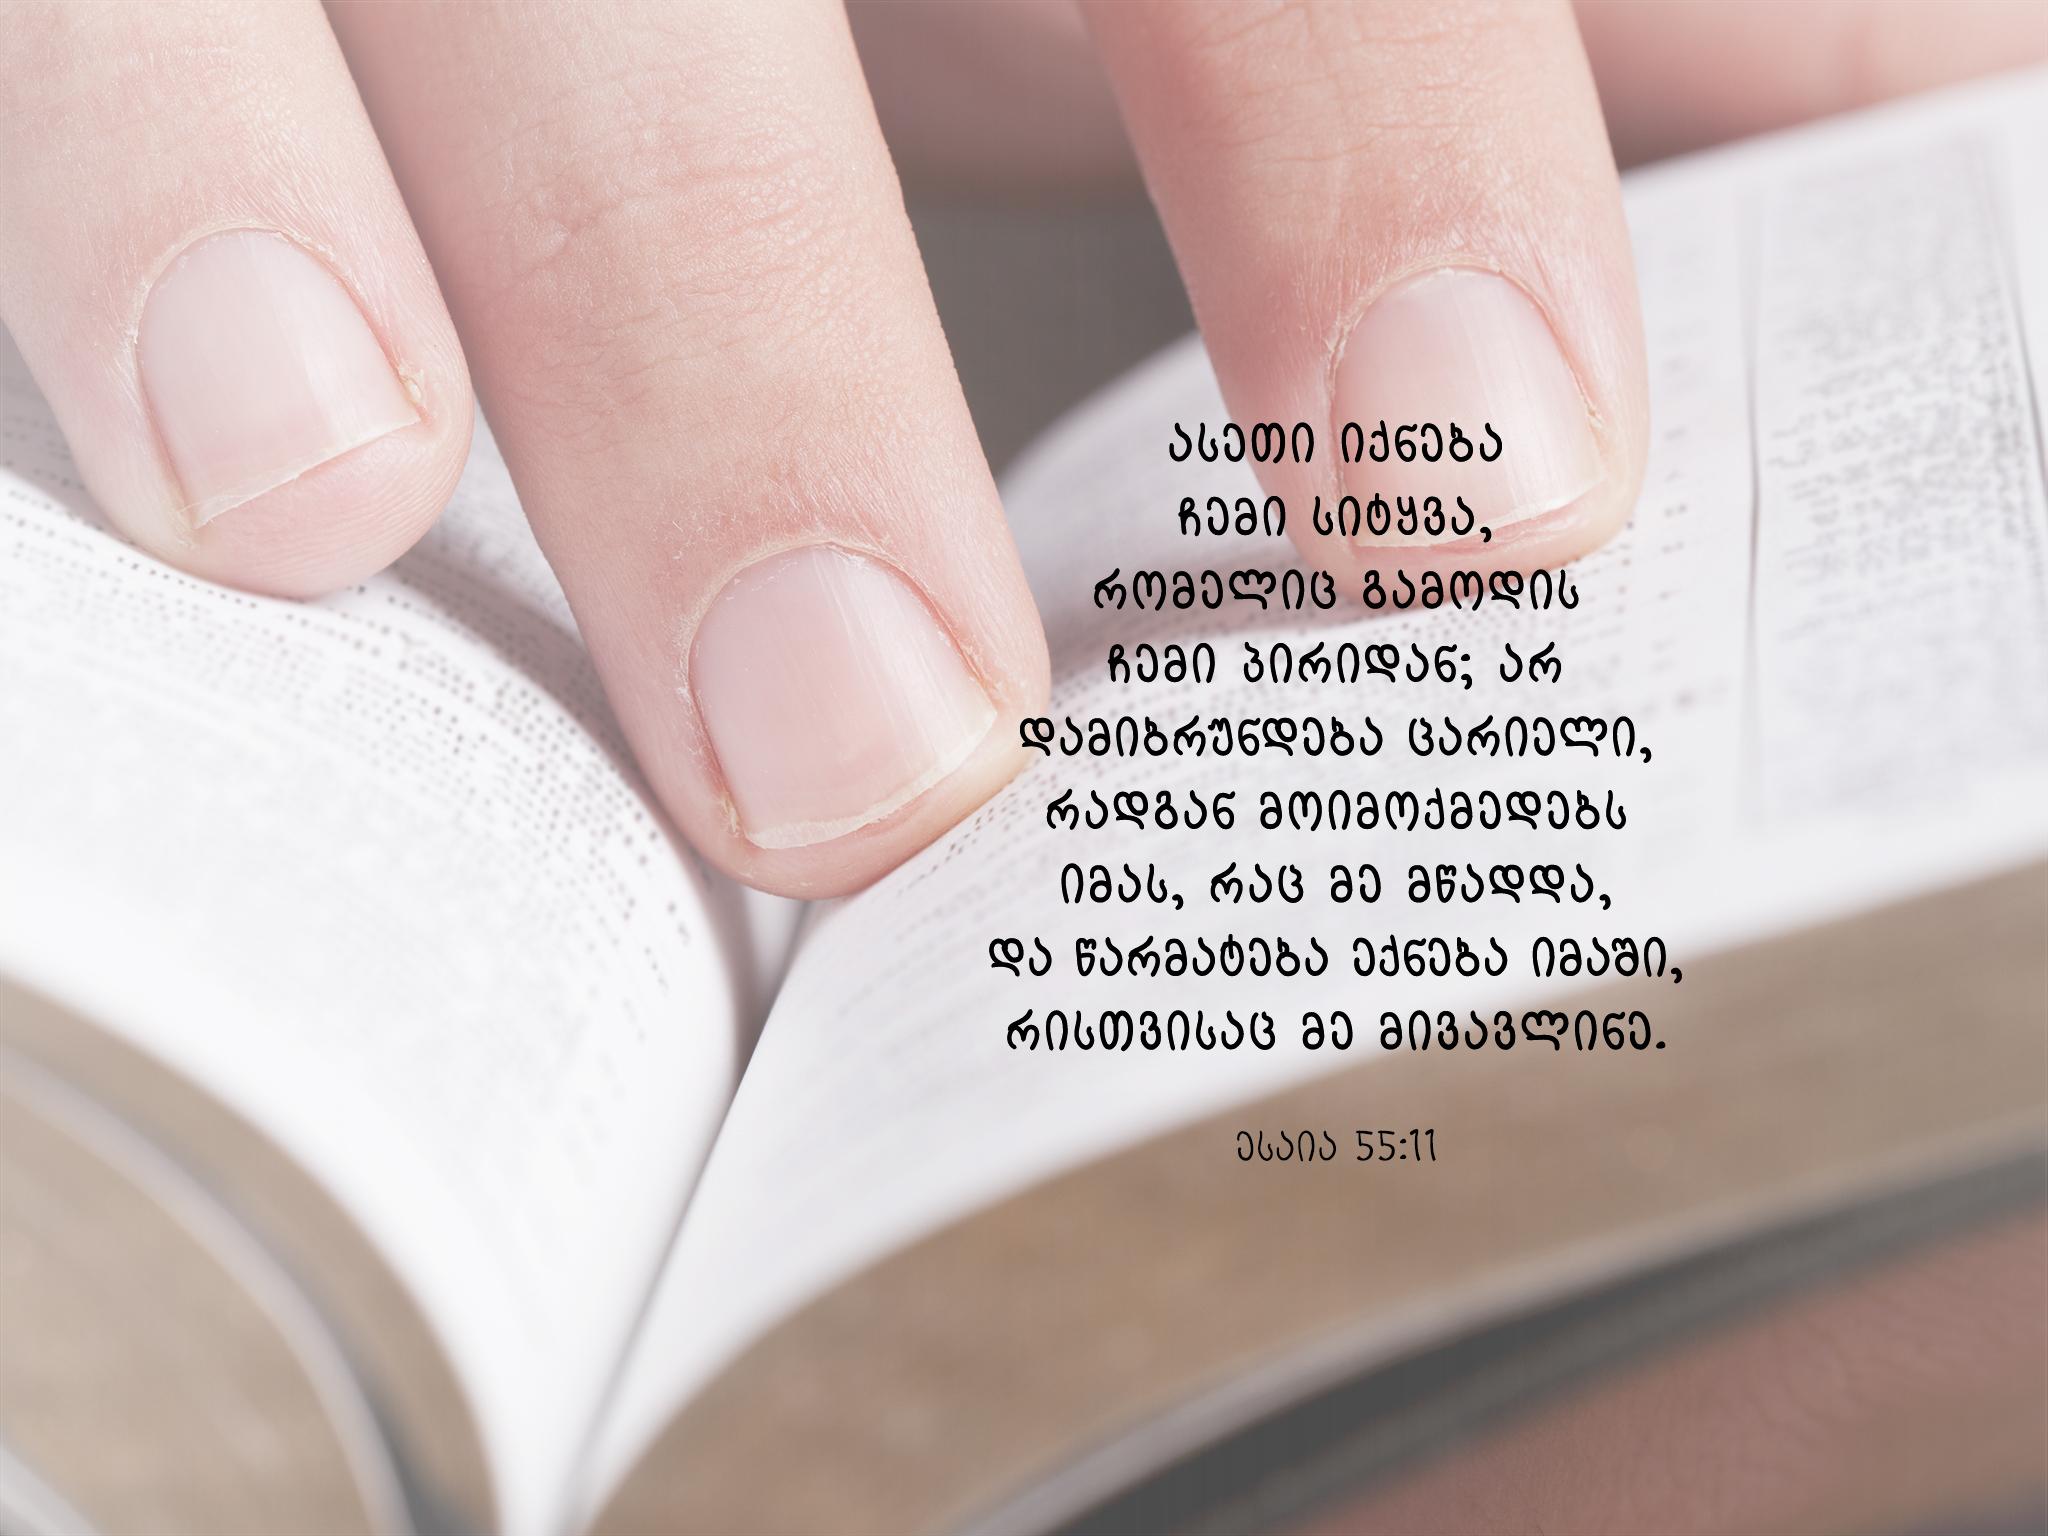 ღვთის სიტყვის მხოლოდ შესწავლა არ კმარა, გამოვიყენოთ კიდეც ცხოვრებაში